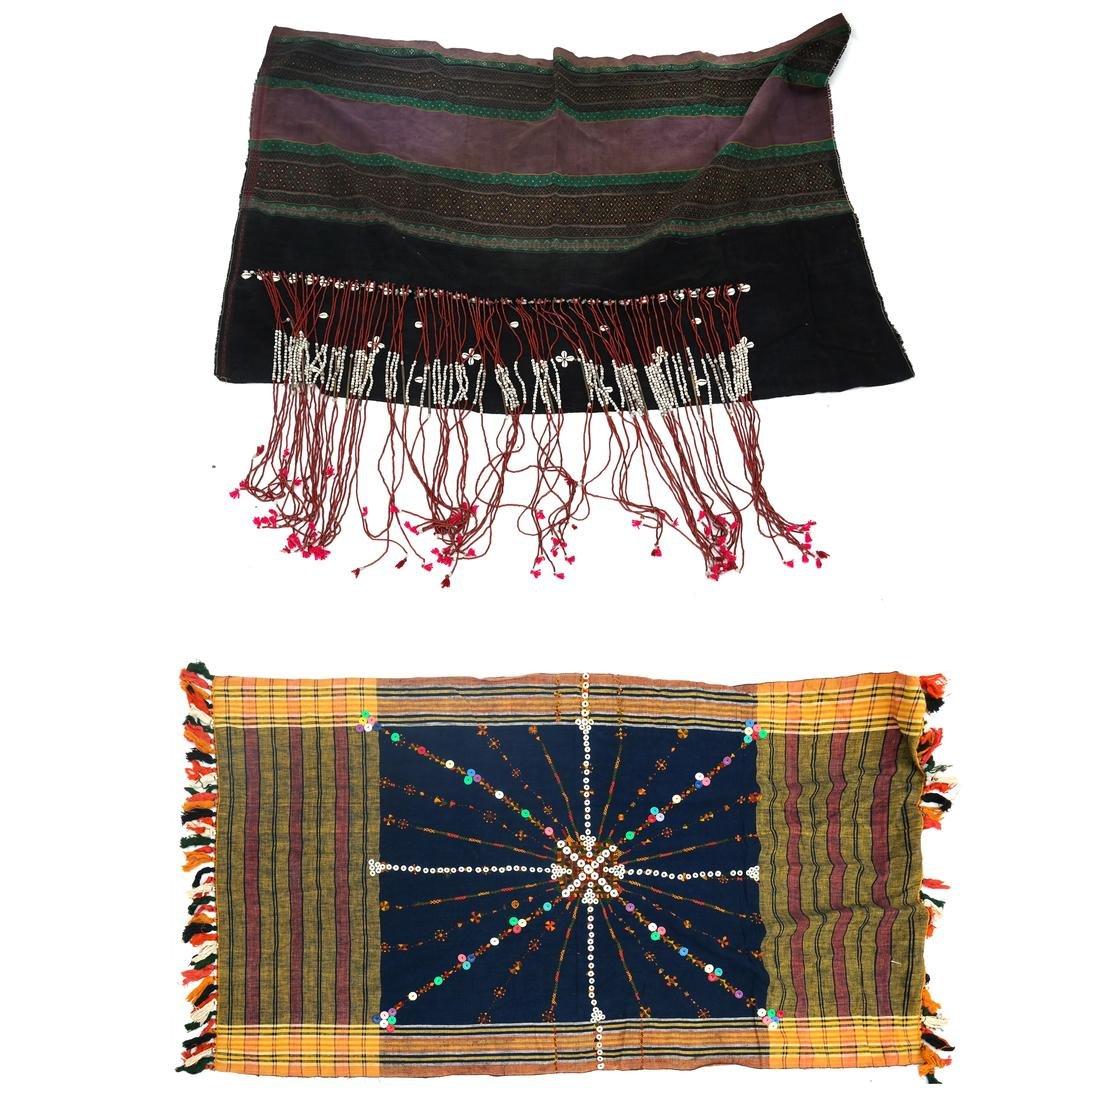 Central Asian Trade Textiles